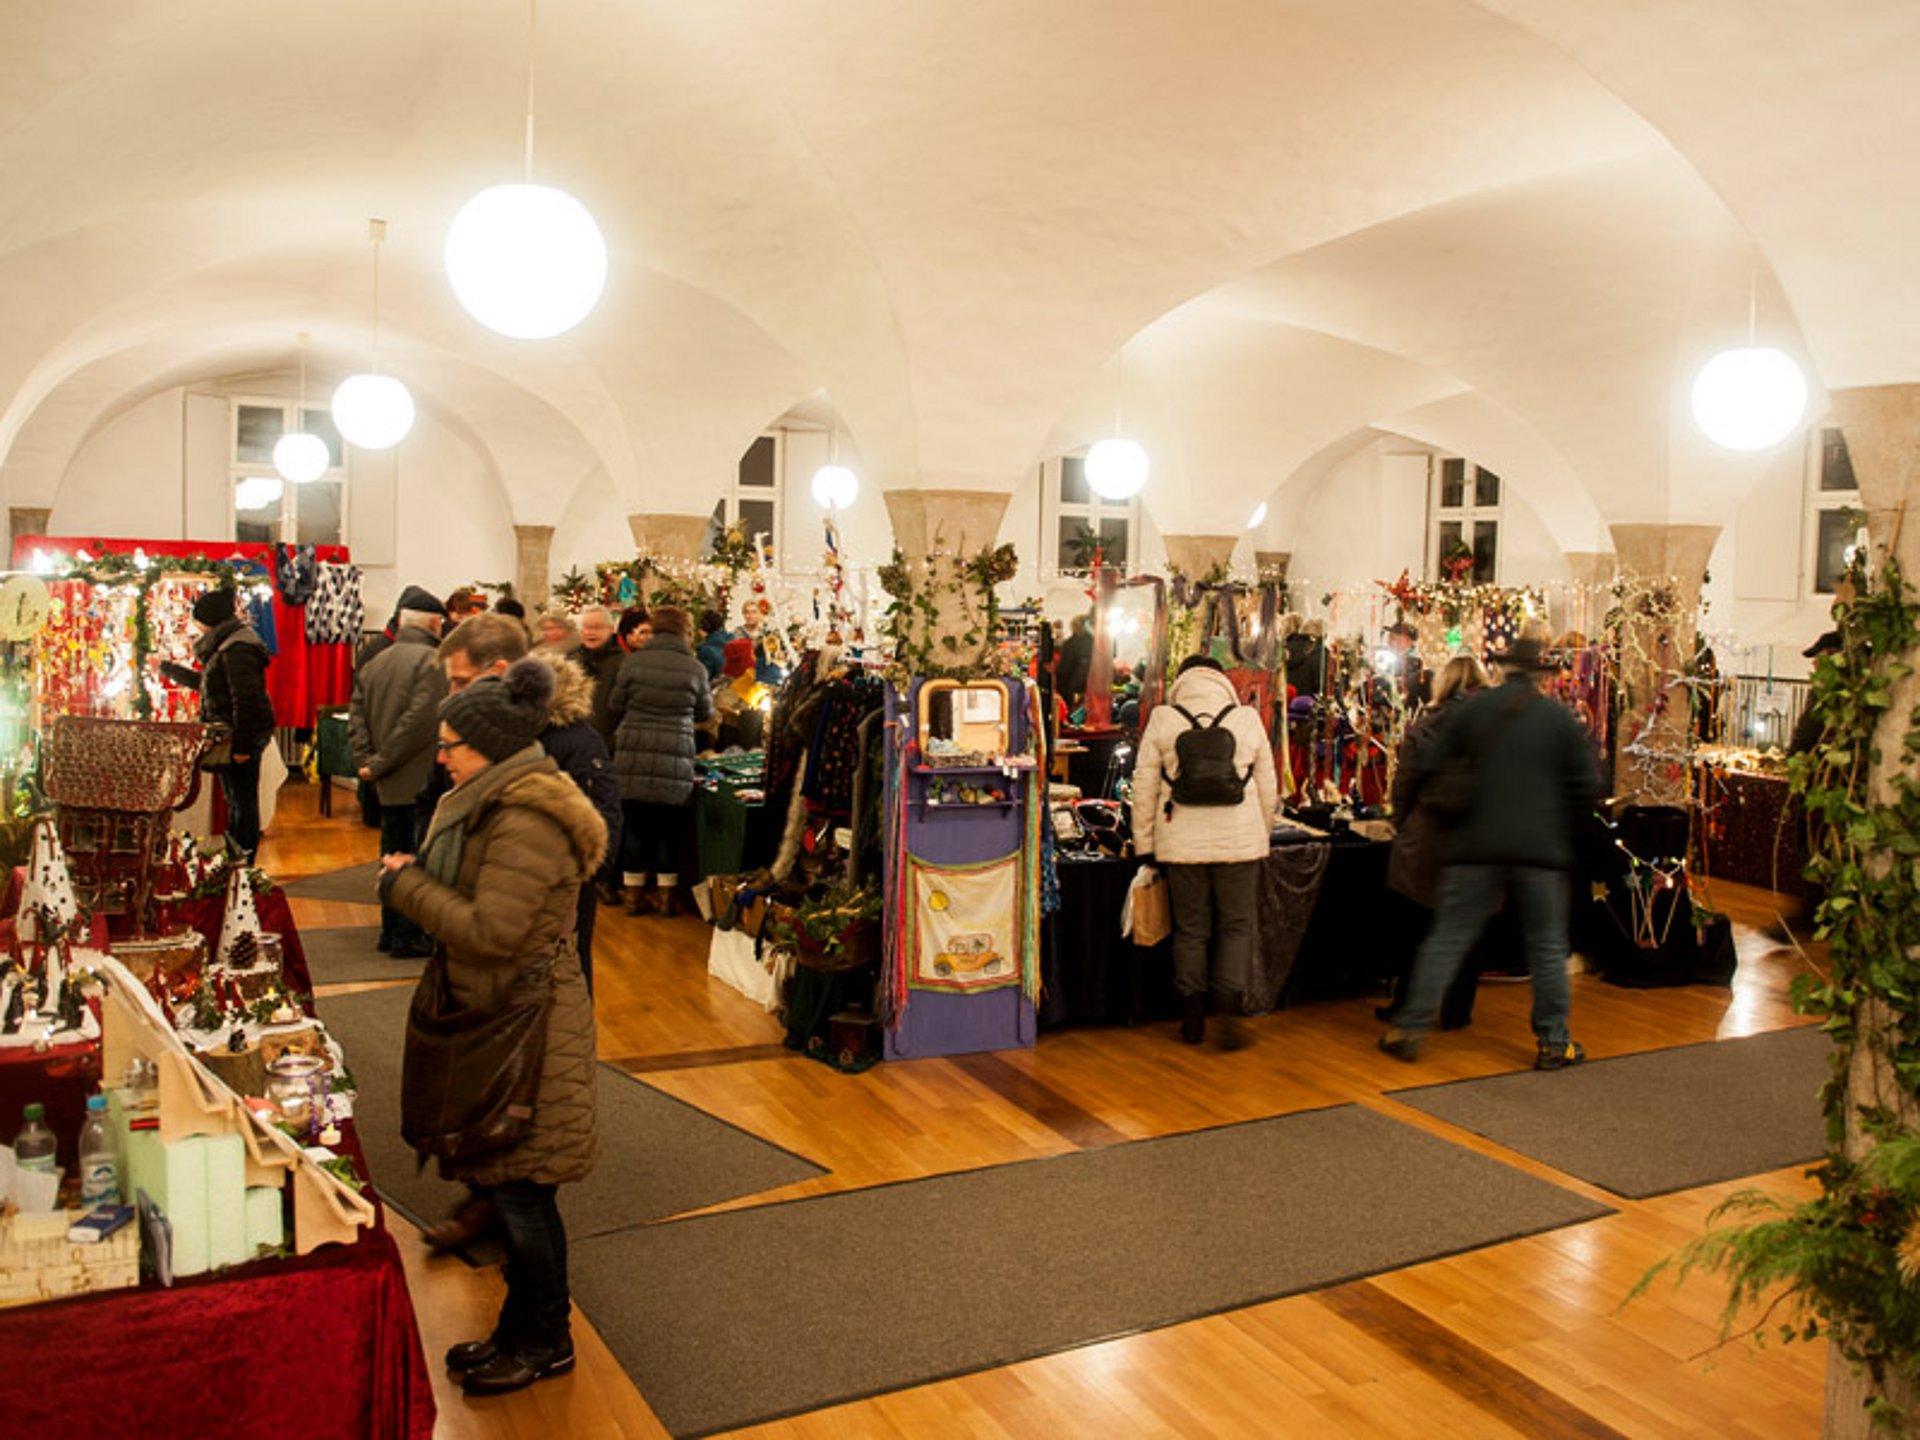 dinkelsb hl kunsthandwerkermarkt hohenlohe schw bisch hall tourismus e v. Black Bedroom Furniture Sets. Home Design Ideas